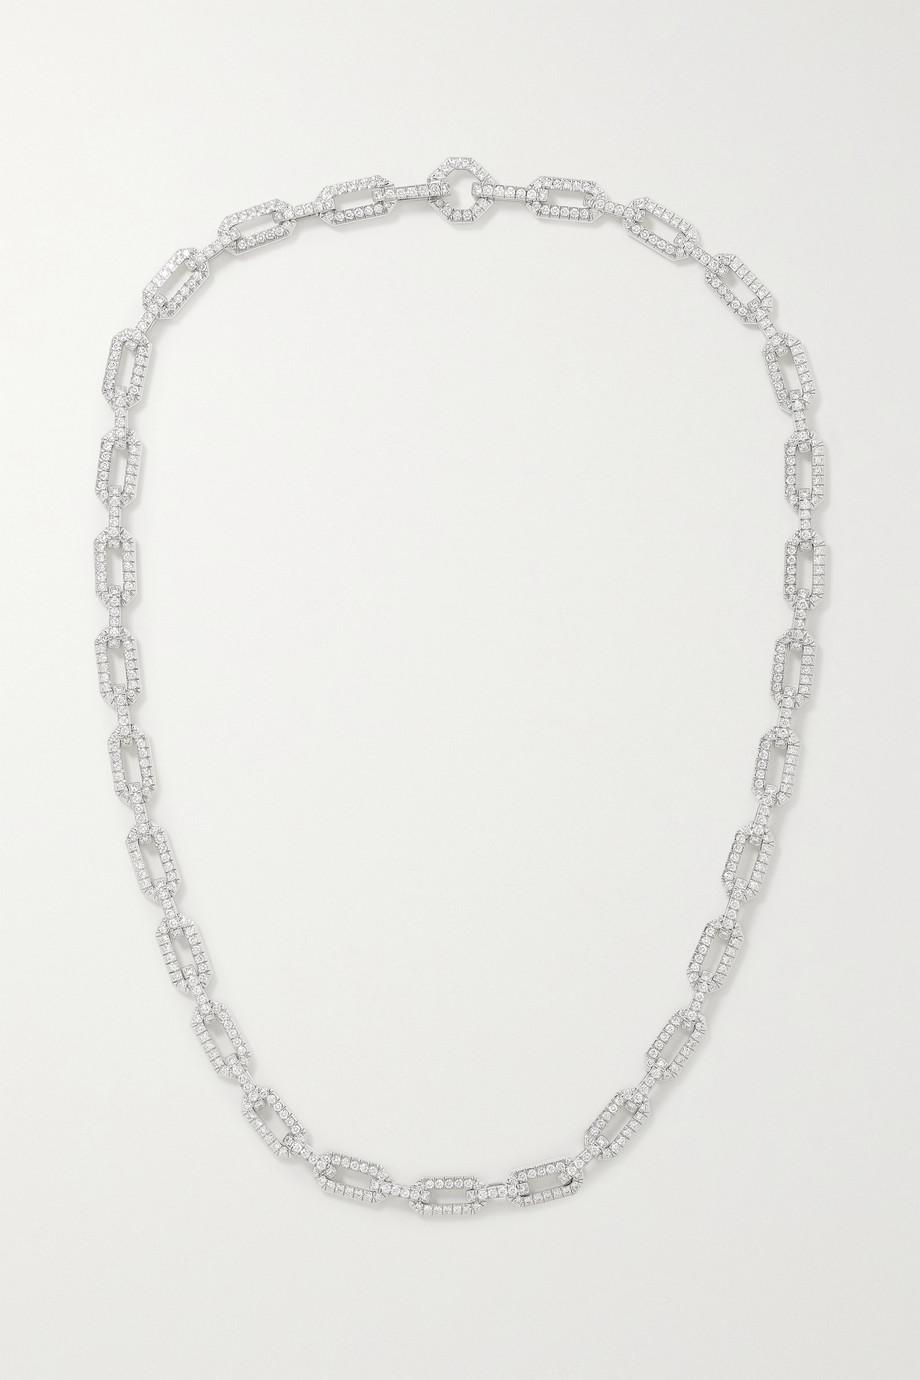 David Yurman Kette aus 18 Karat Weißgold mit Diamanten